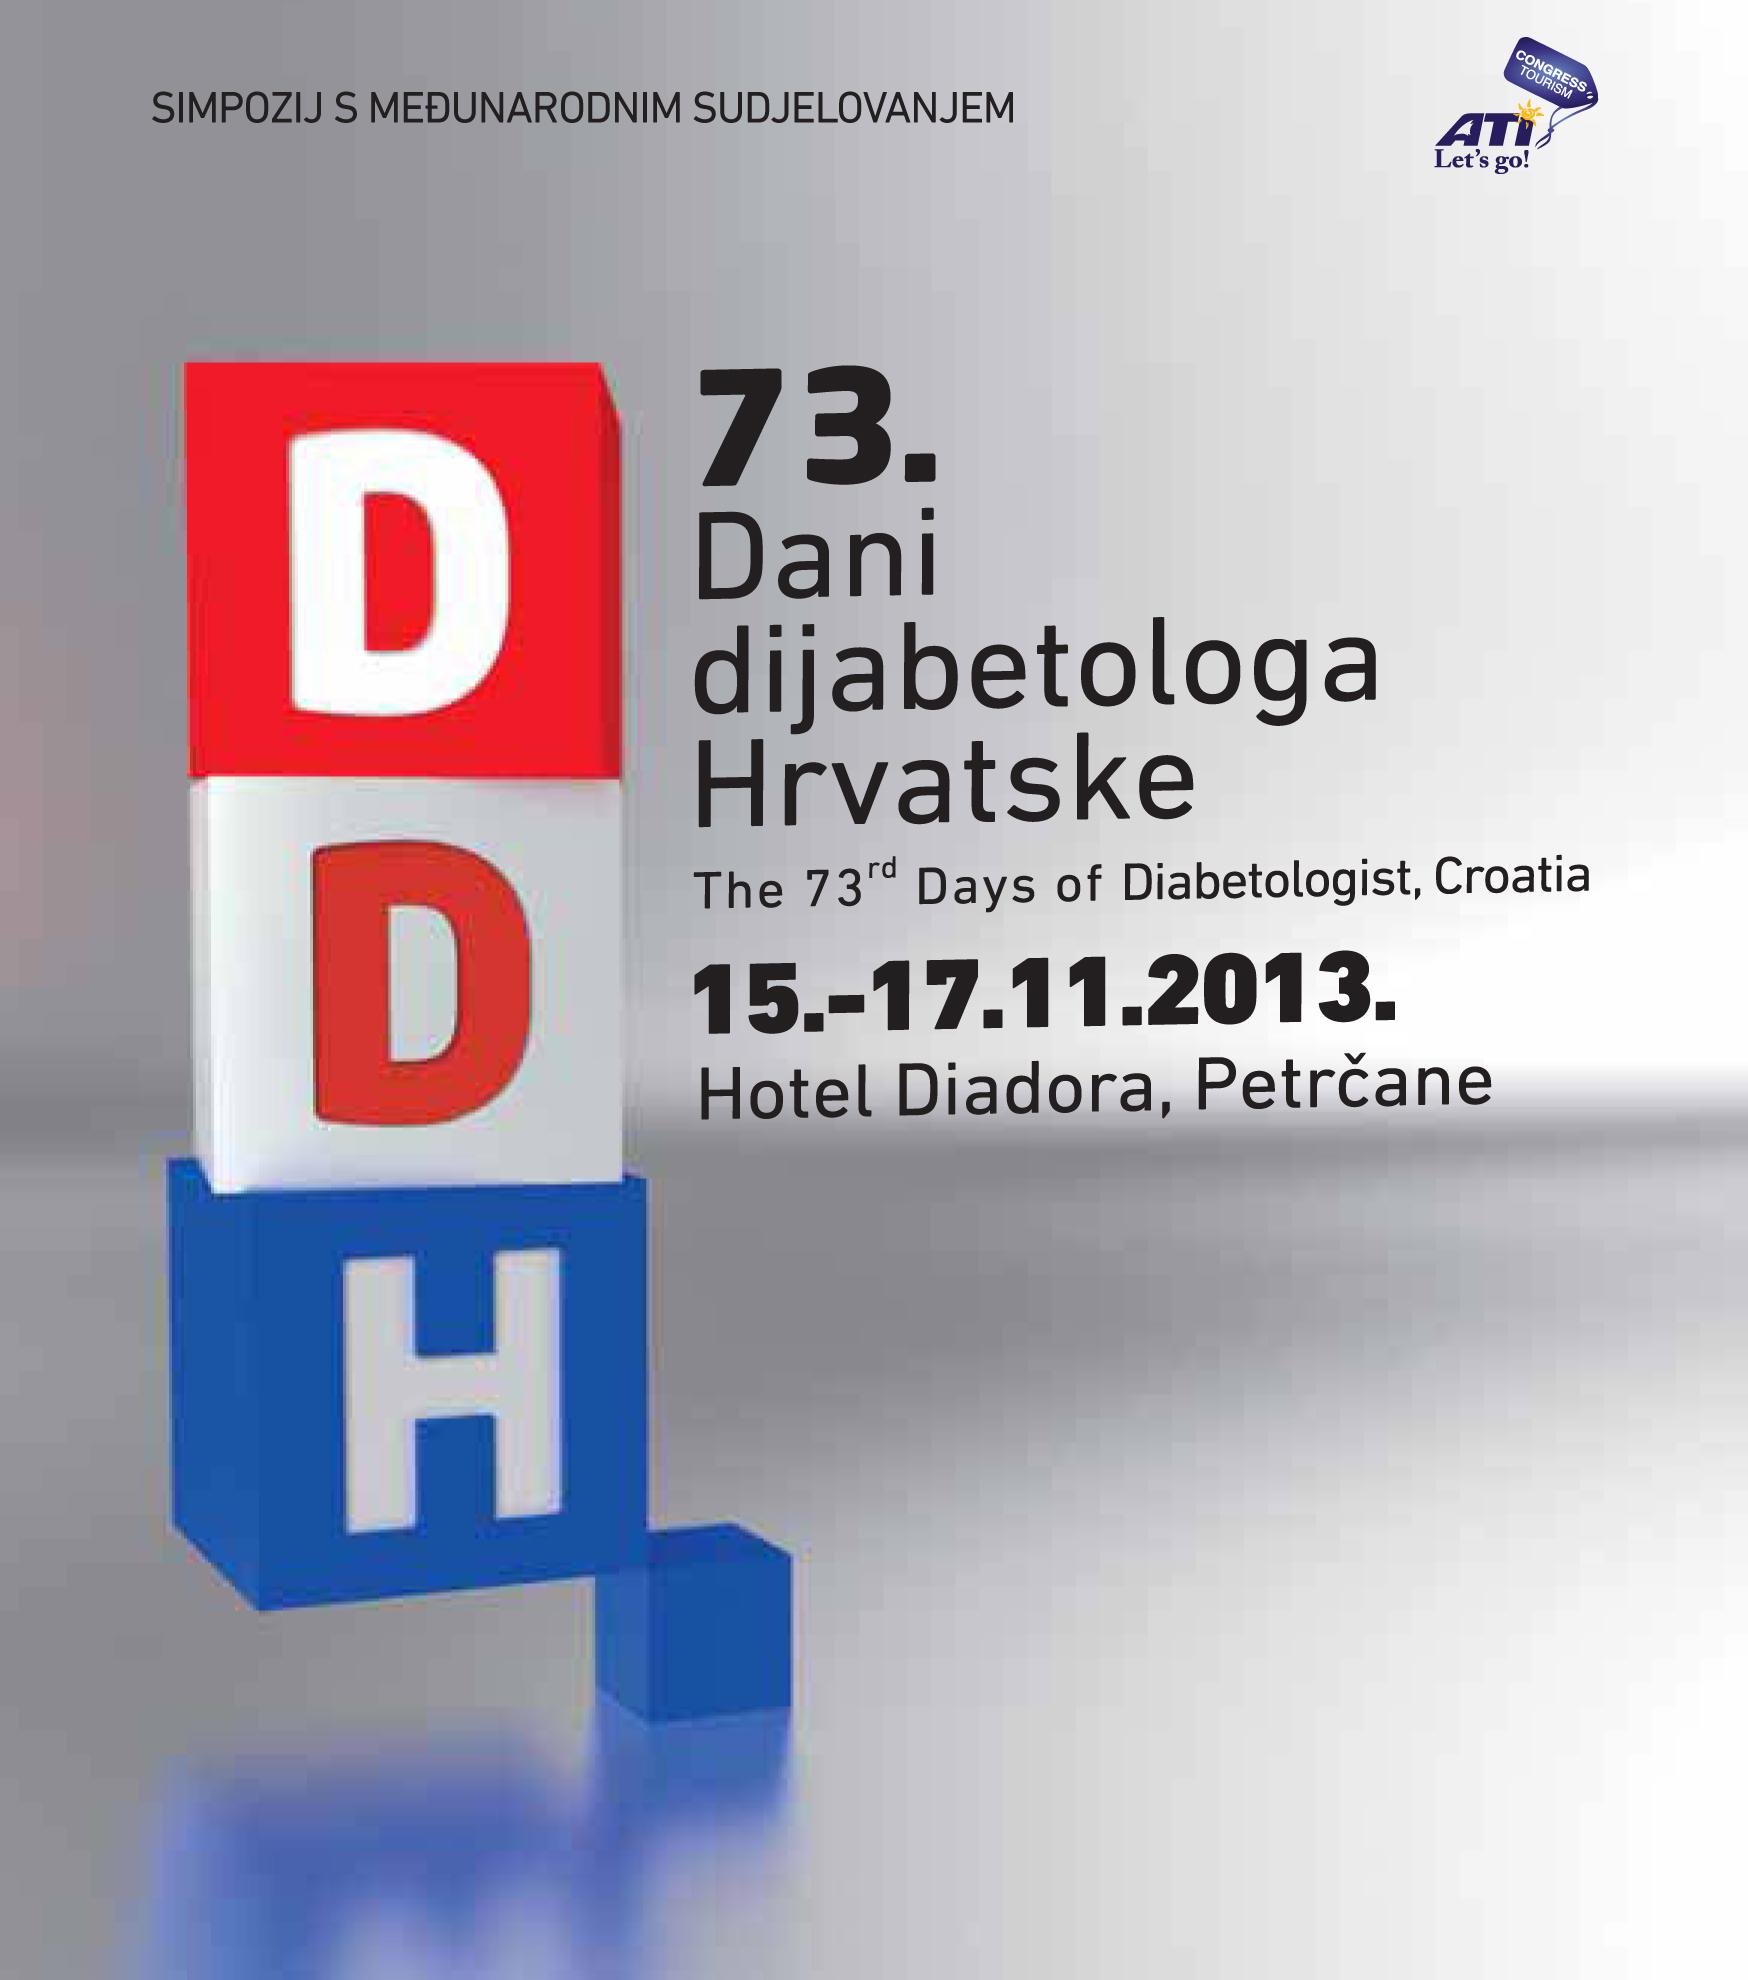 73. Dani dijabetologa Hrvatske